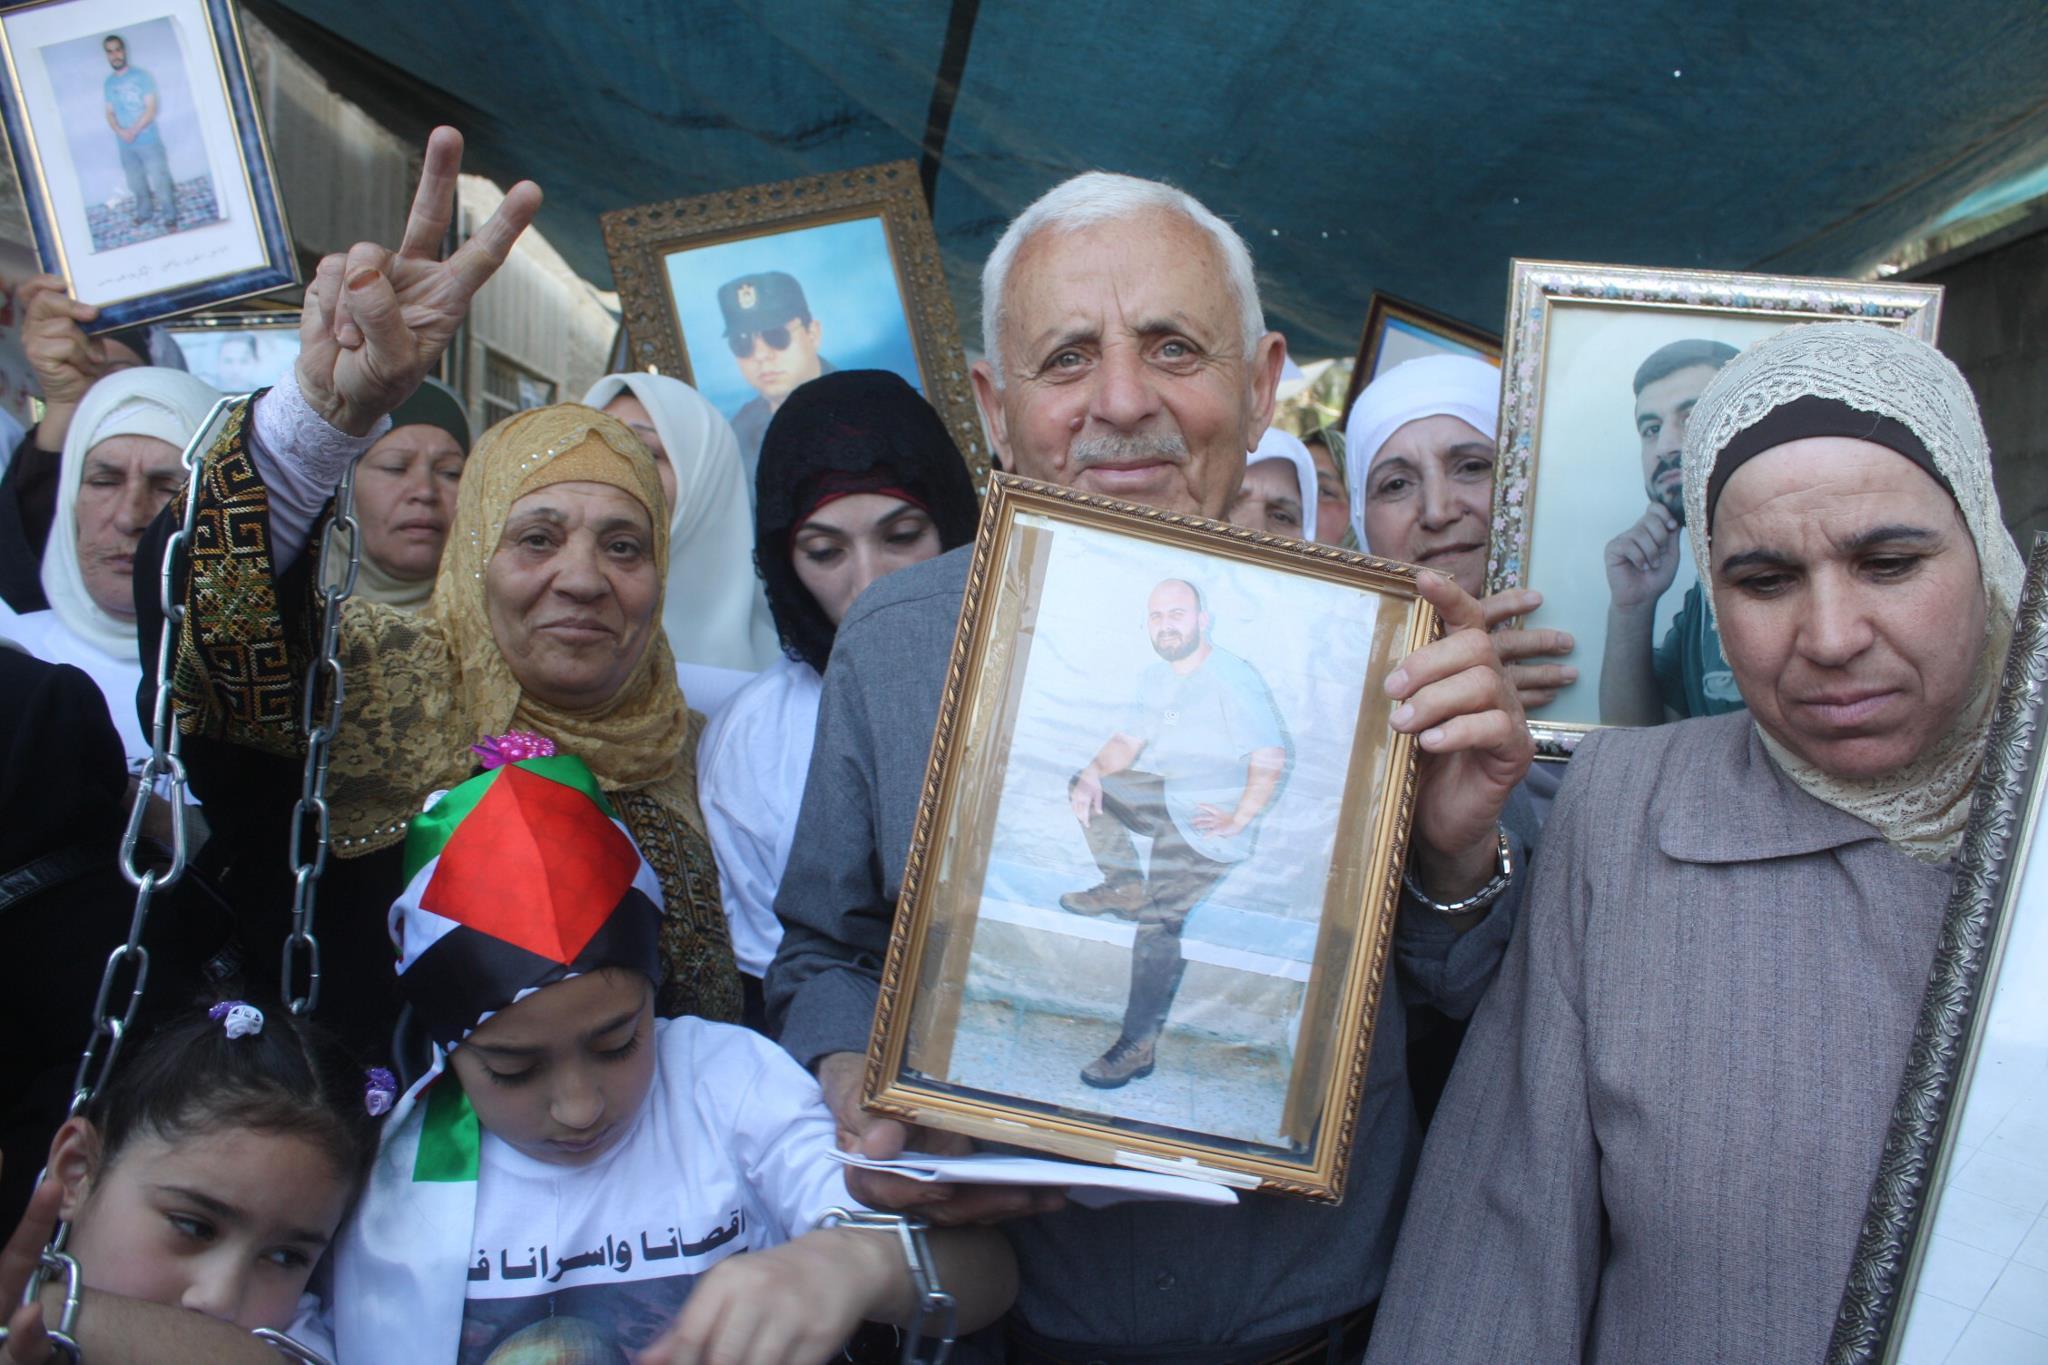 Il padre di Jihad festeggia il prossimo rilascio di suo figlio dalla prigione israeliana. (Amjad Abu Asab)